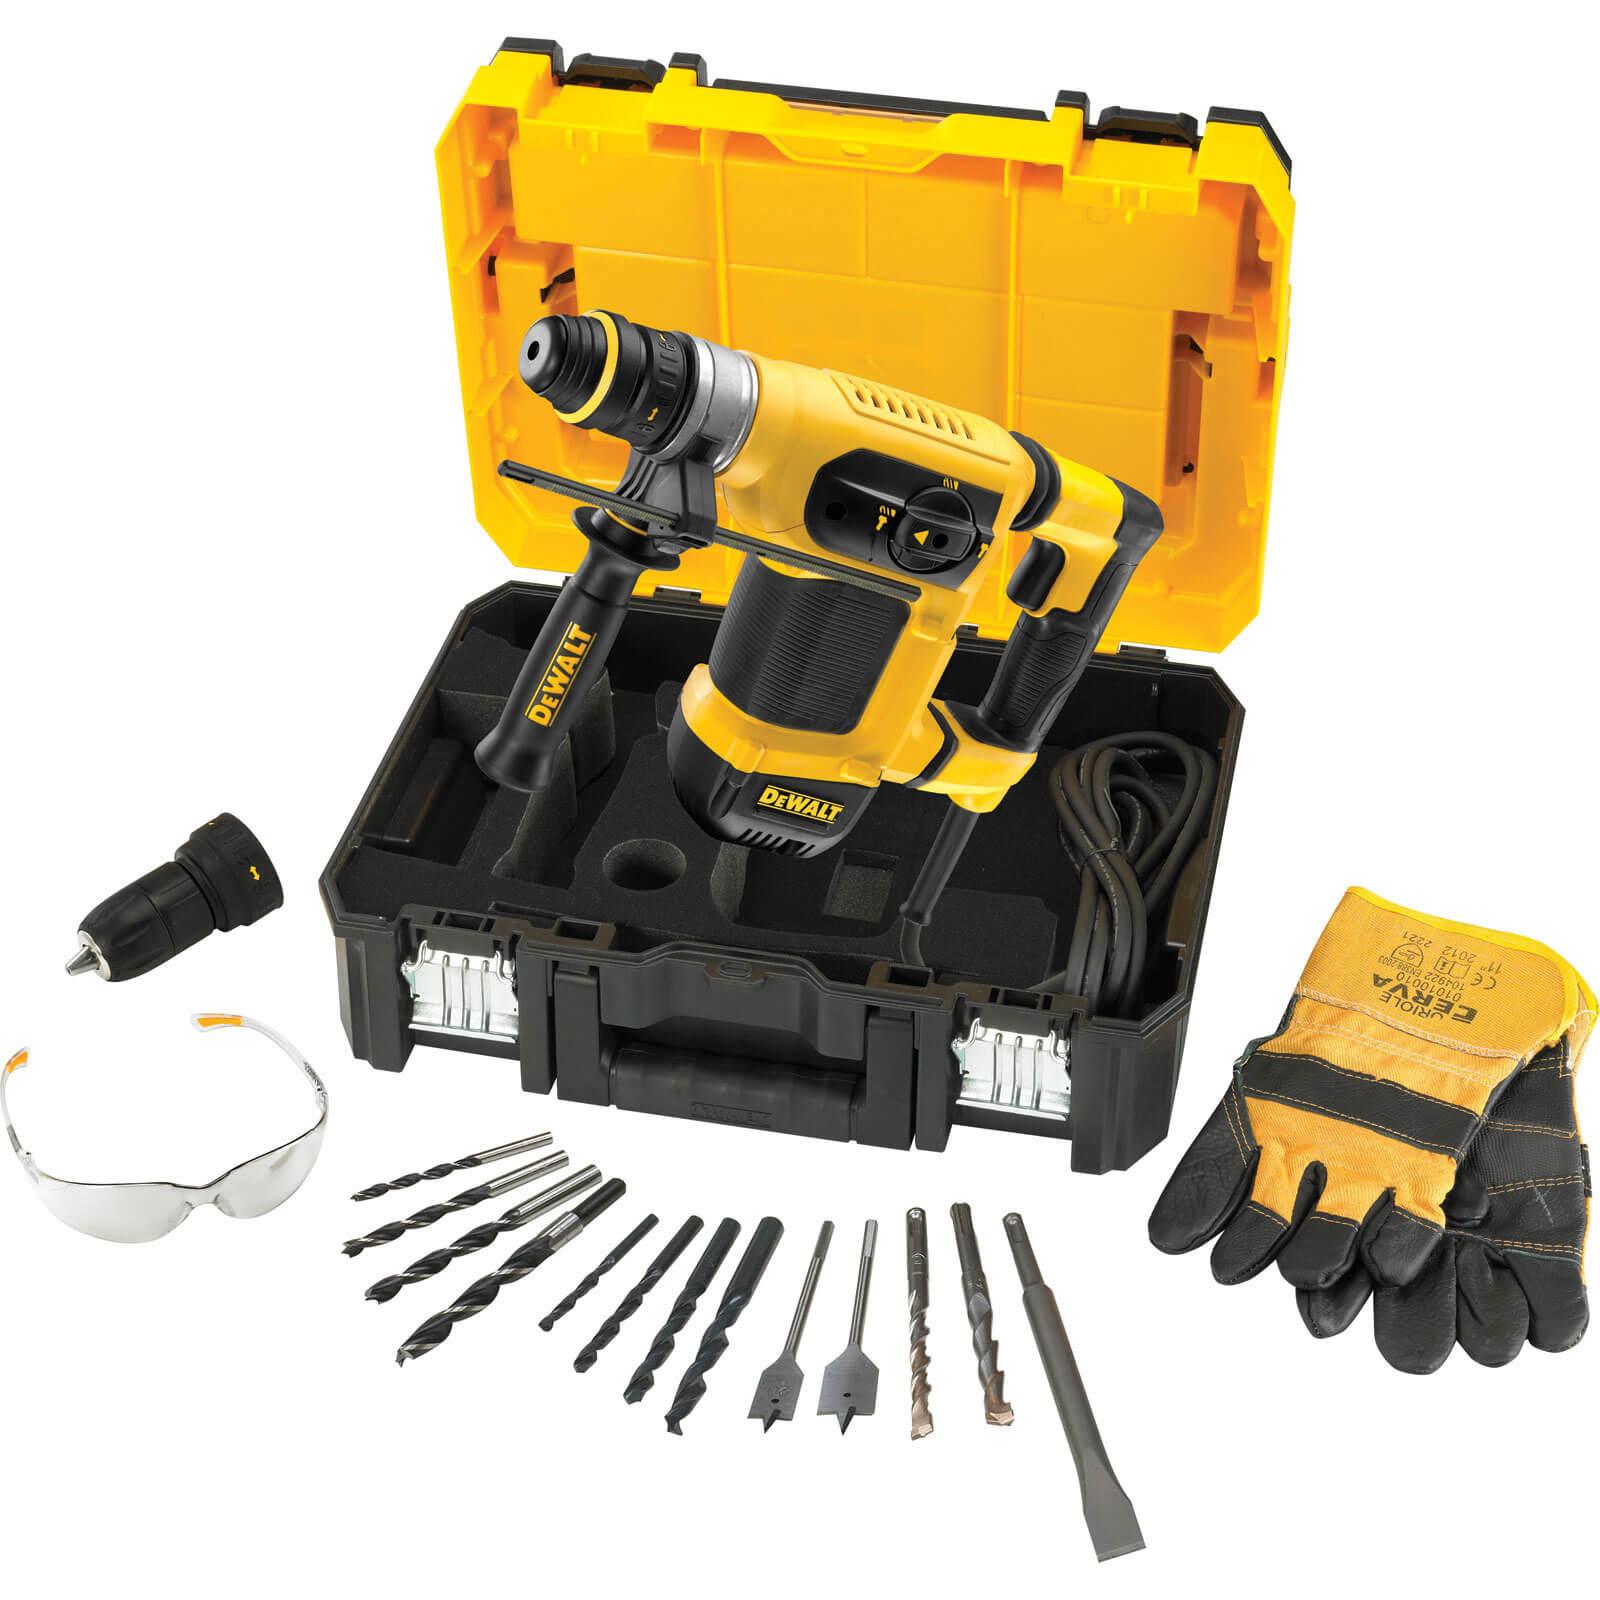 Image of DeWalt D25414KT SDS Plus Hammer Drill Kit 110v